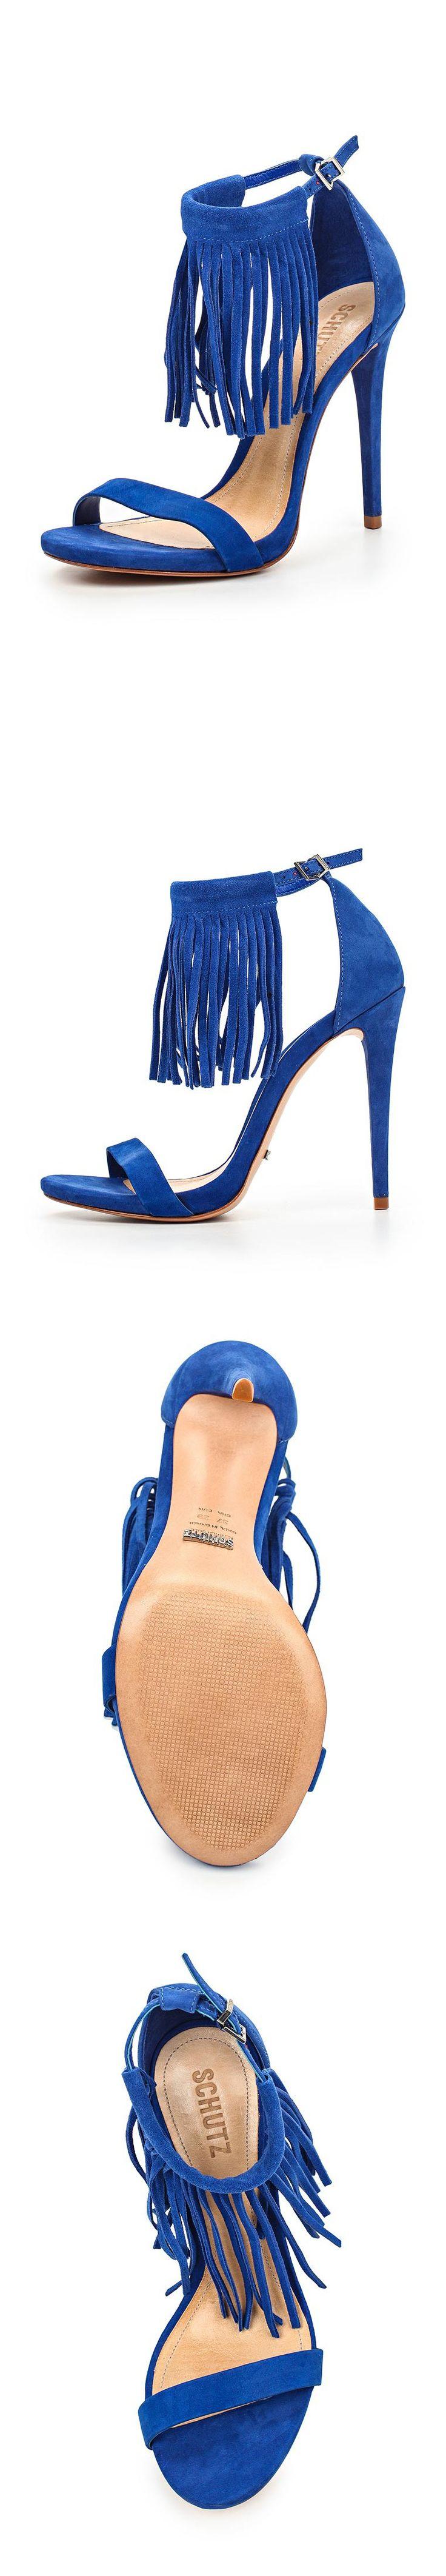 Женская обувь босоножки Schutz за 10599.00 руб.